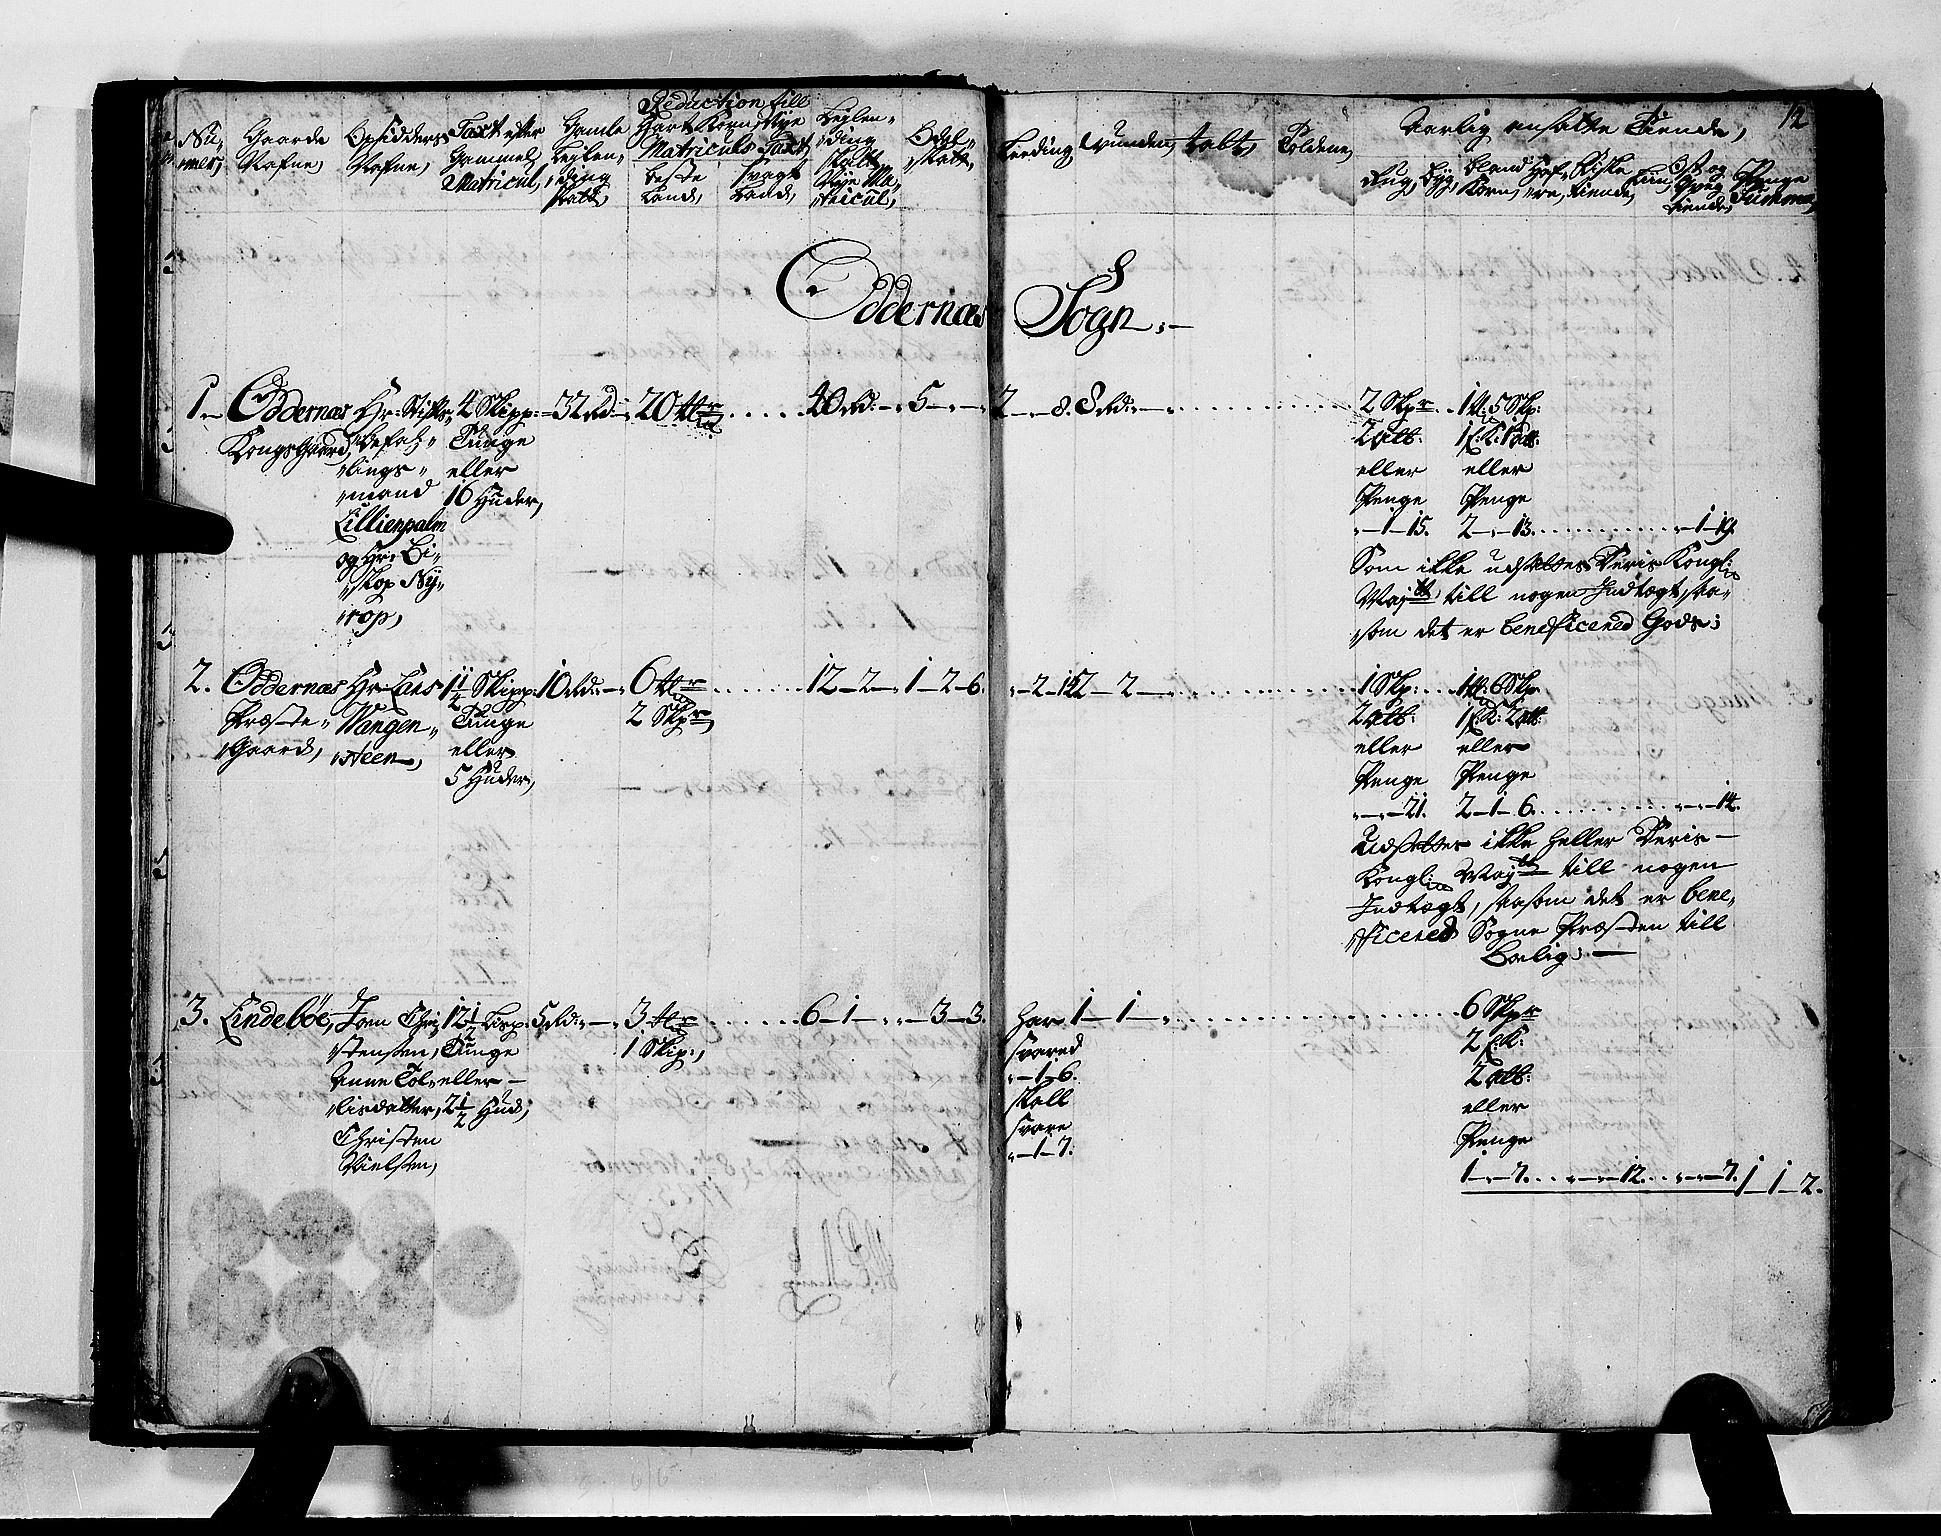 RA, Rentekammeret inntil 1814, Realistisk ordnet avdeling, N/Nb/Nbf/L0128: Mandal matrikkelprotokoll, 1723, s. 11b-12a